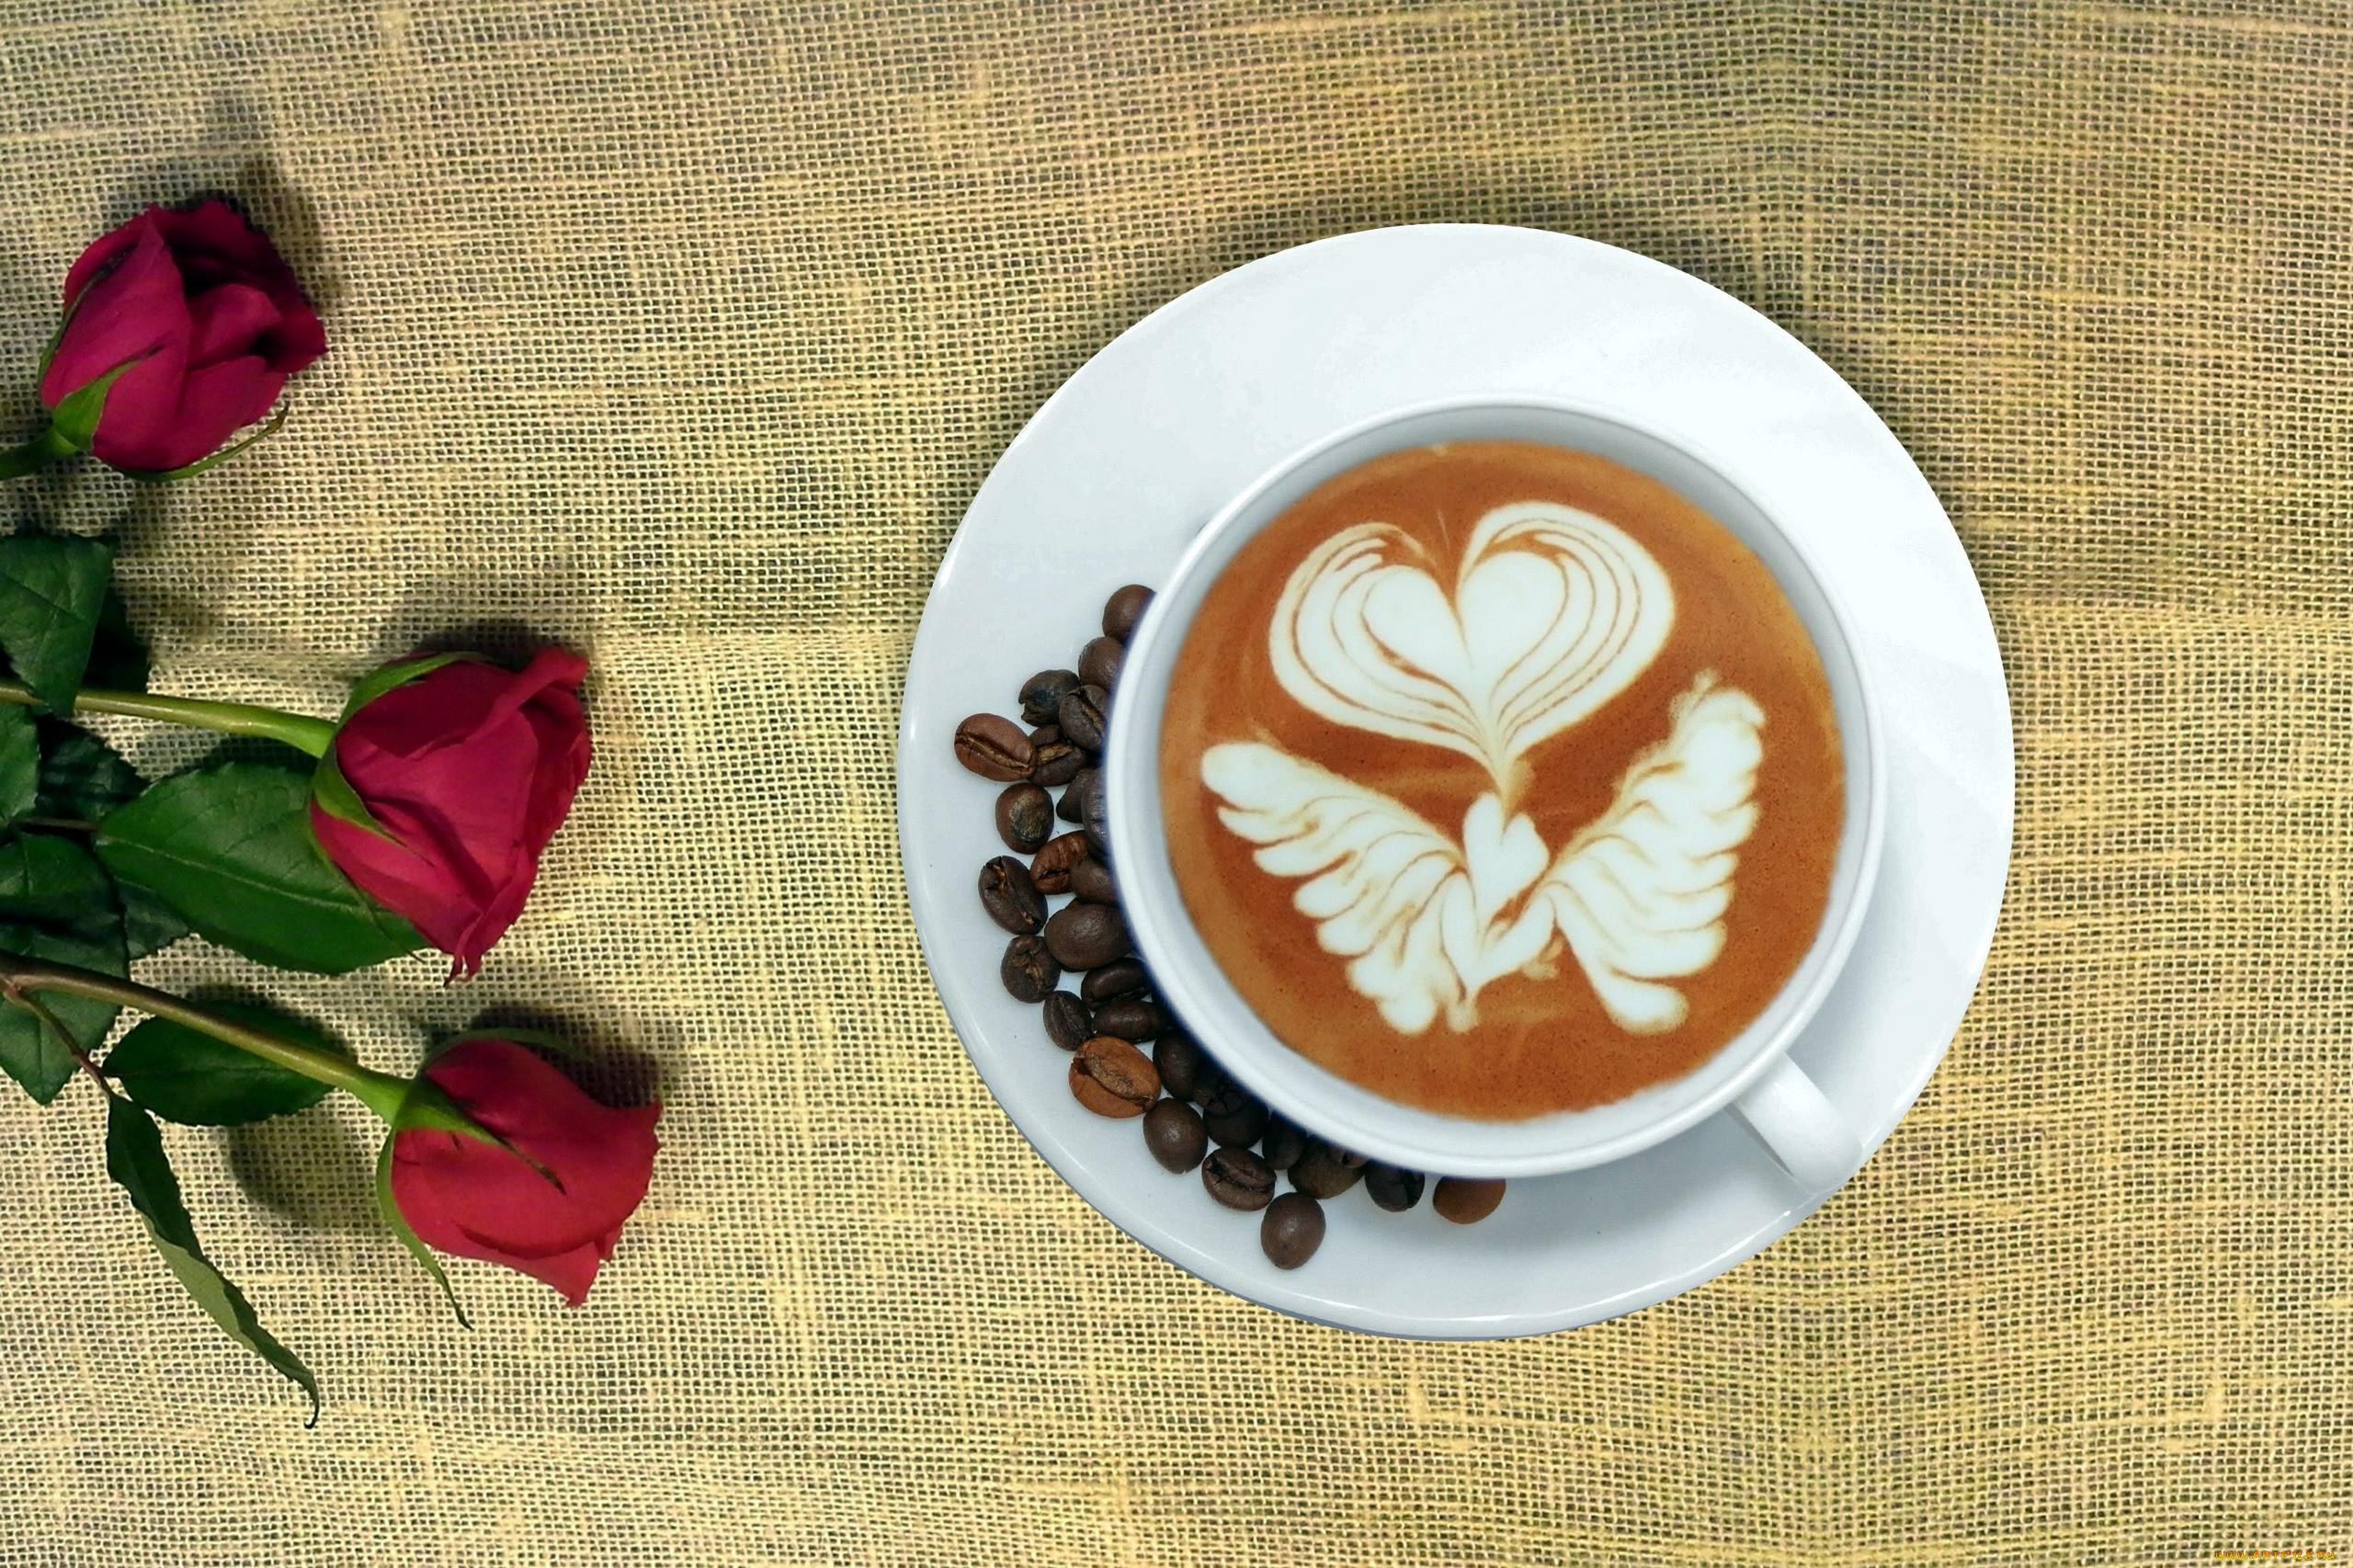 кофе с молоком картинки красивые и с розами цвет